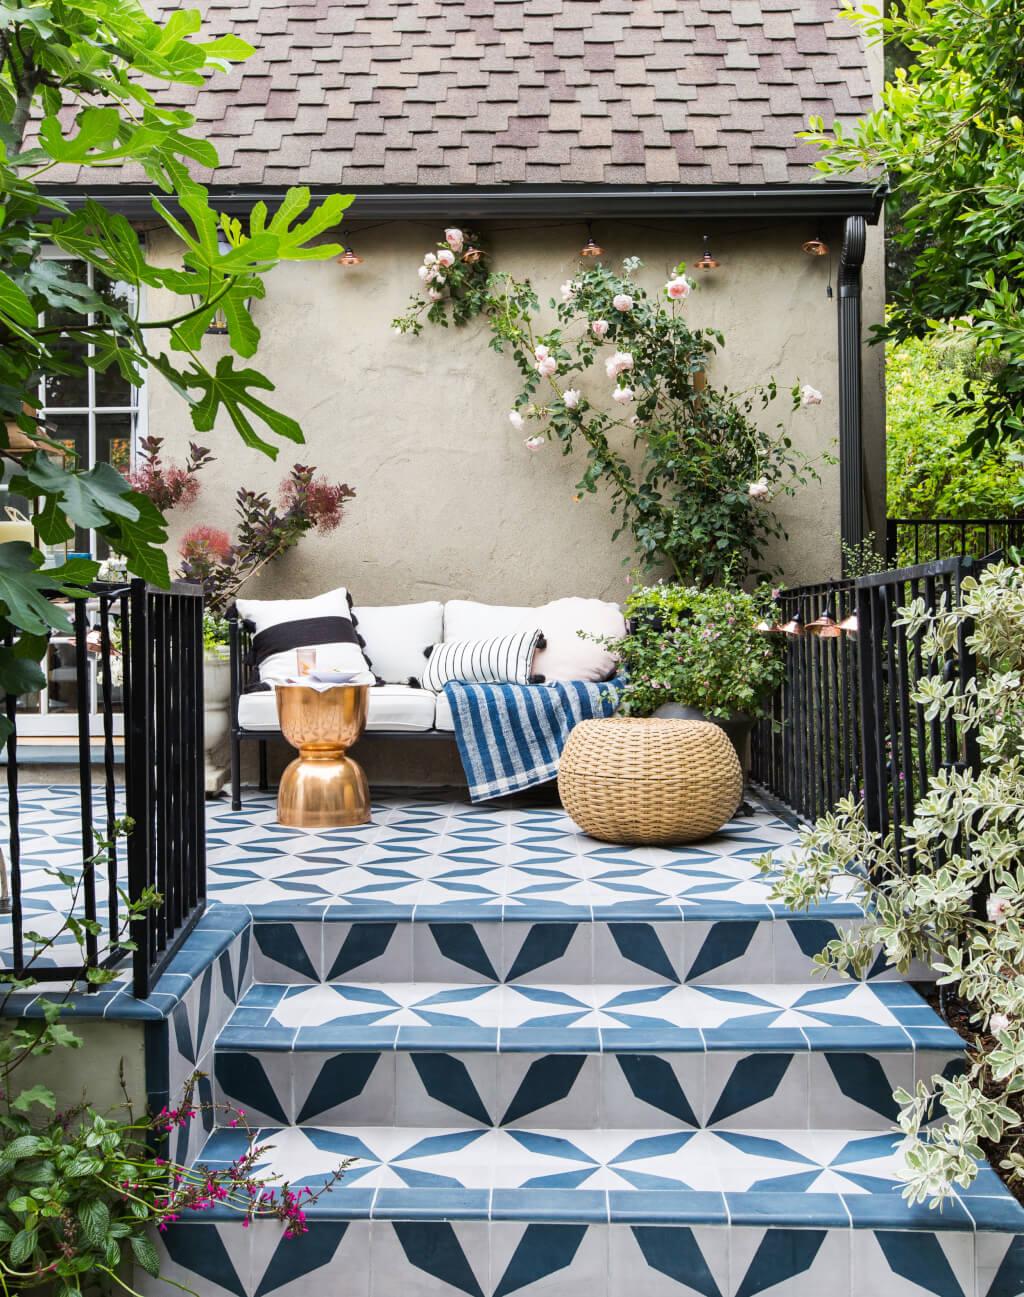 Cuscini Re Garden.The Ultimate Checklist For The Perfect Summer Patio Italianbark